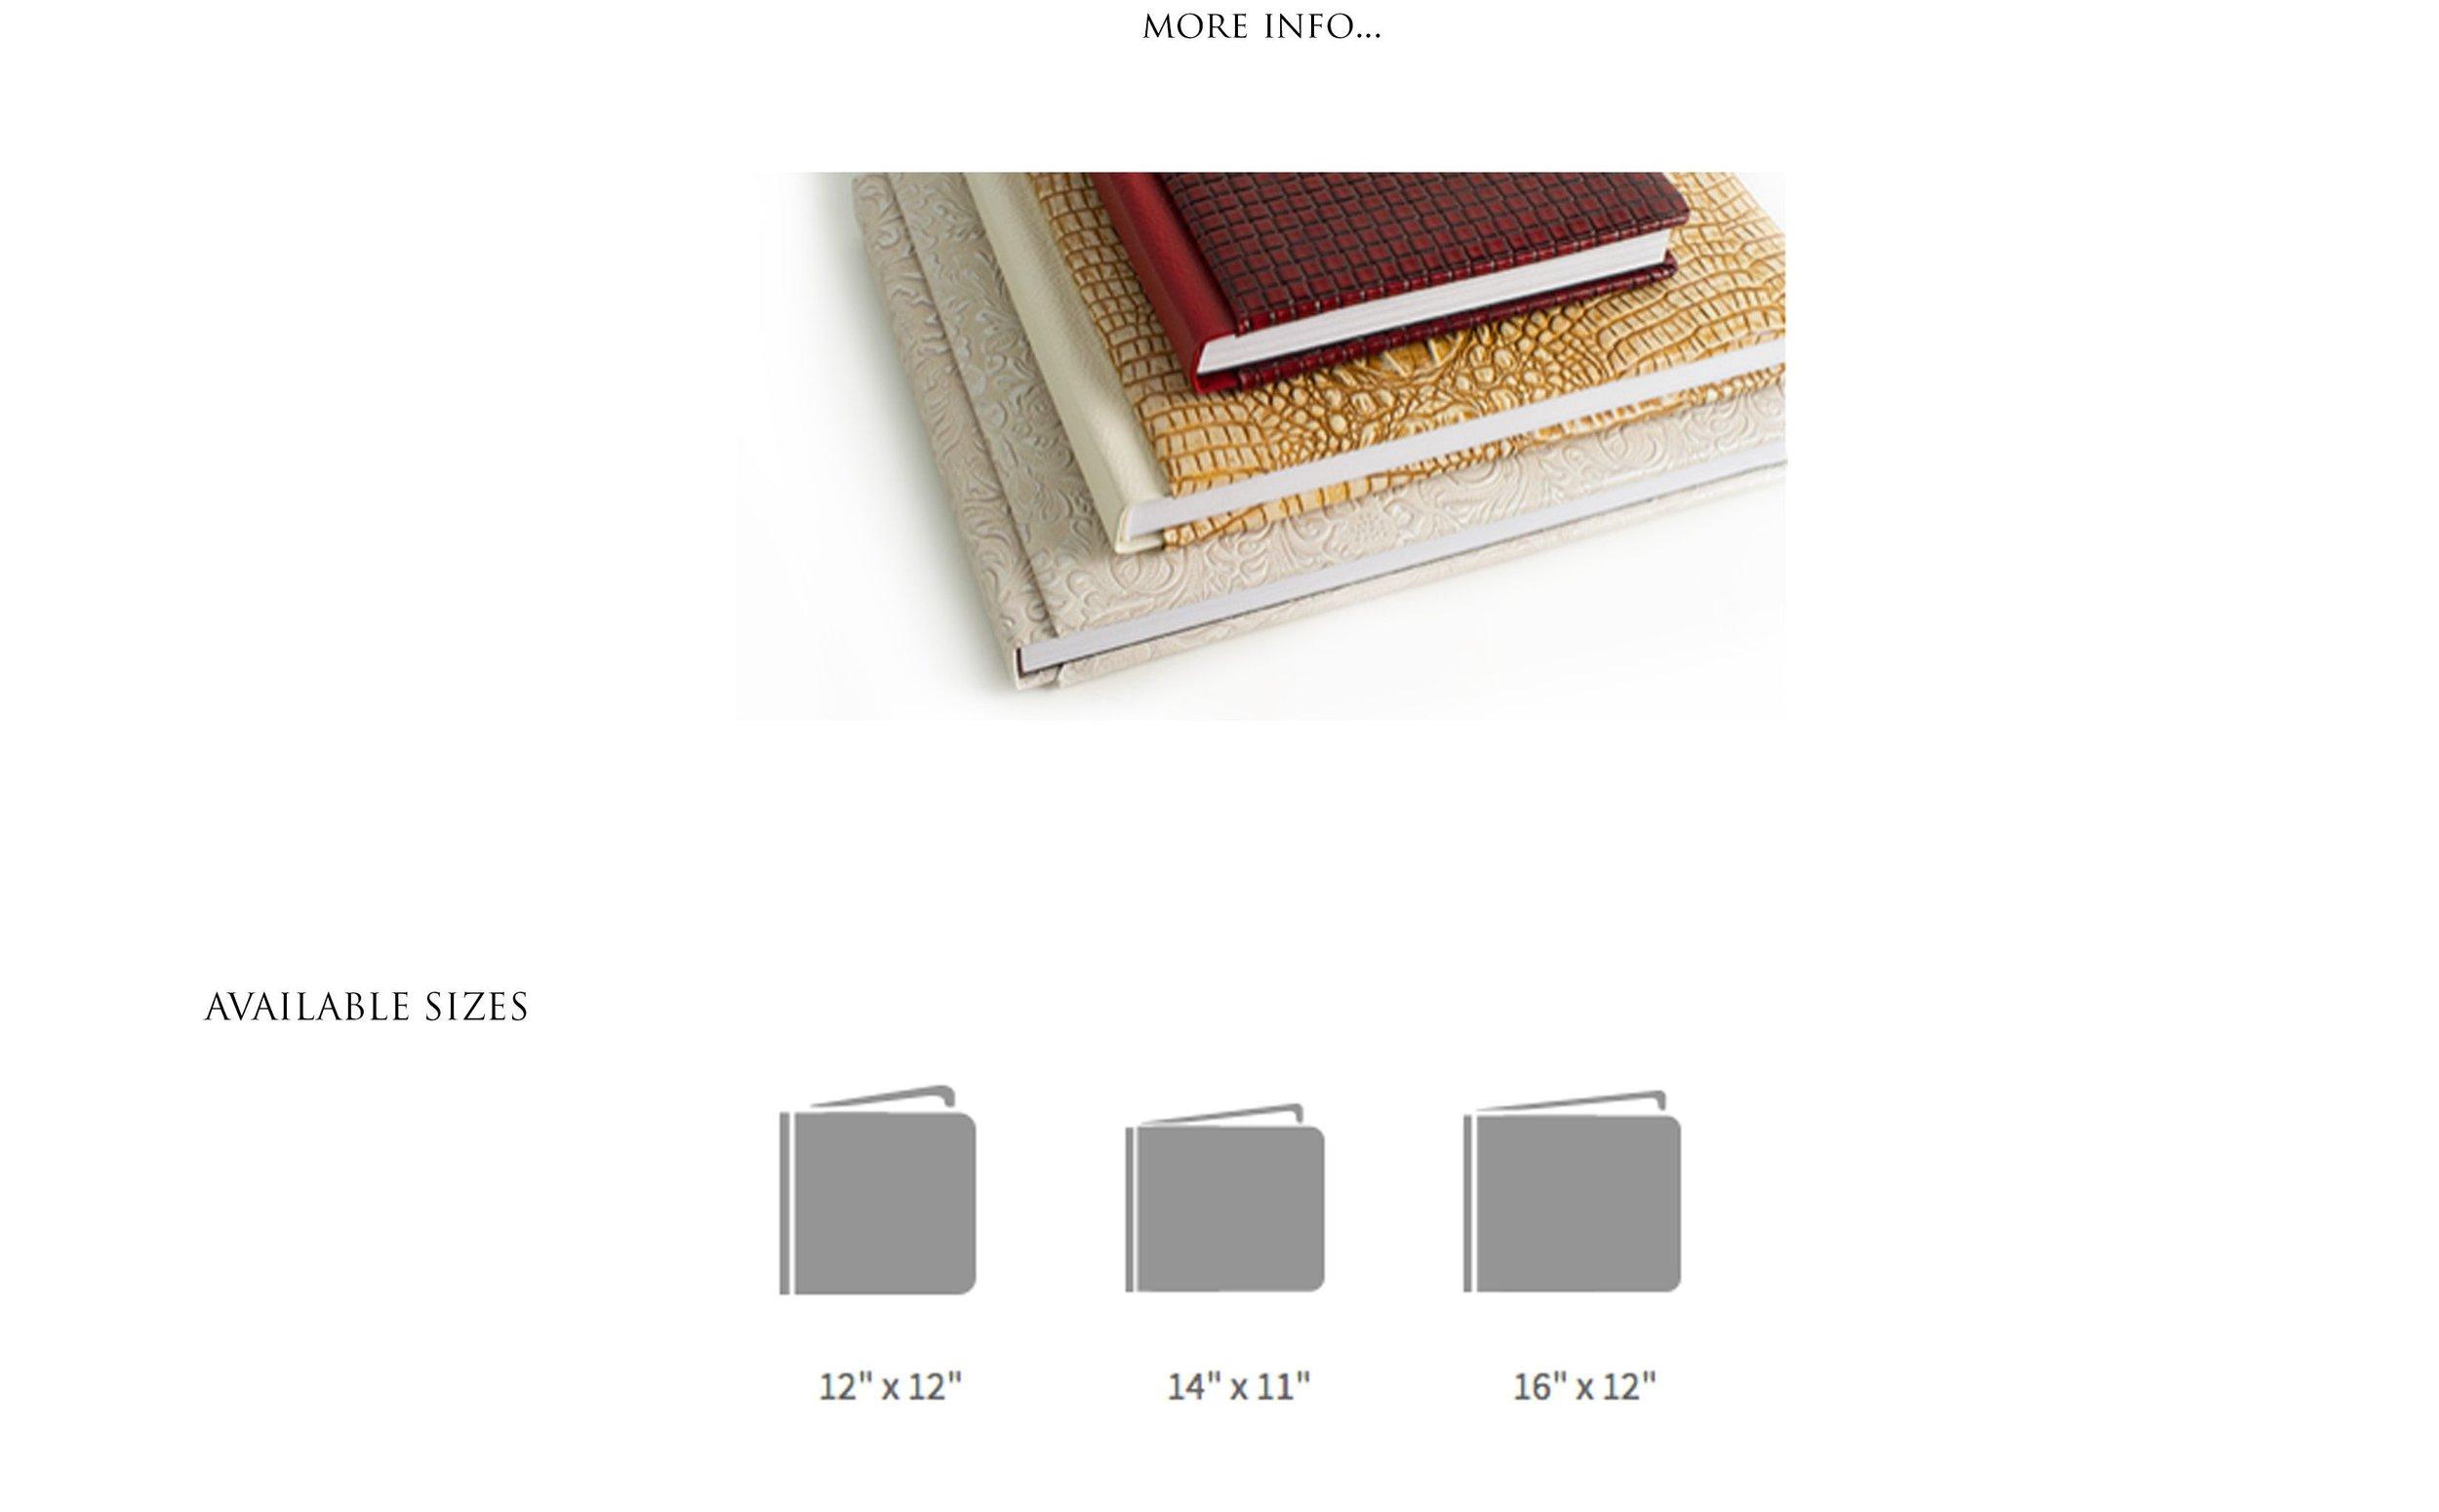 luxe-more-info-e1516051141541.jpg